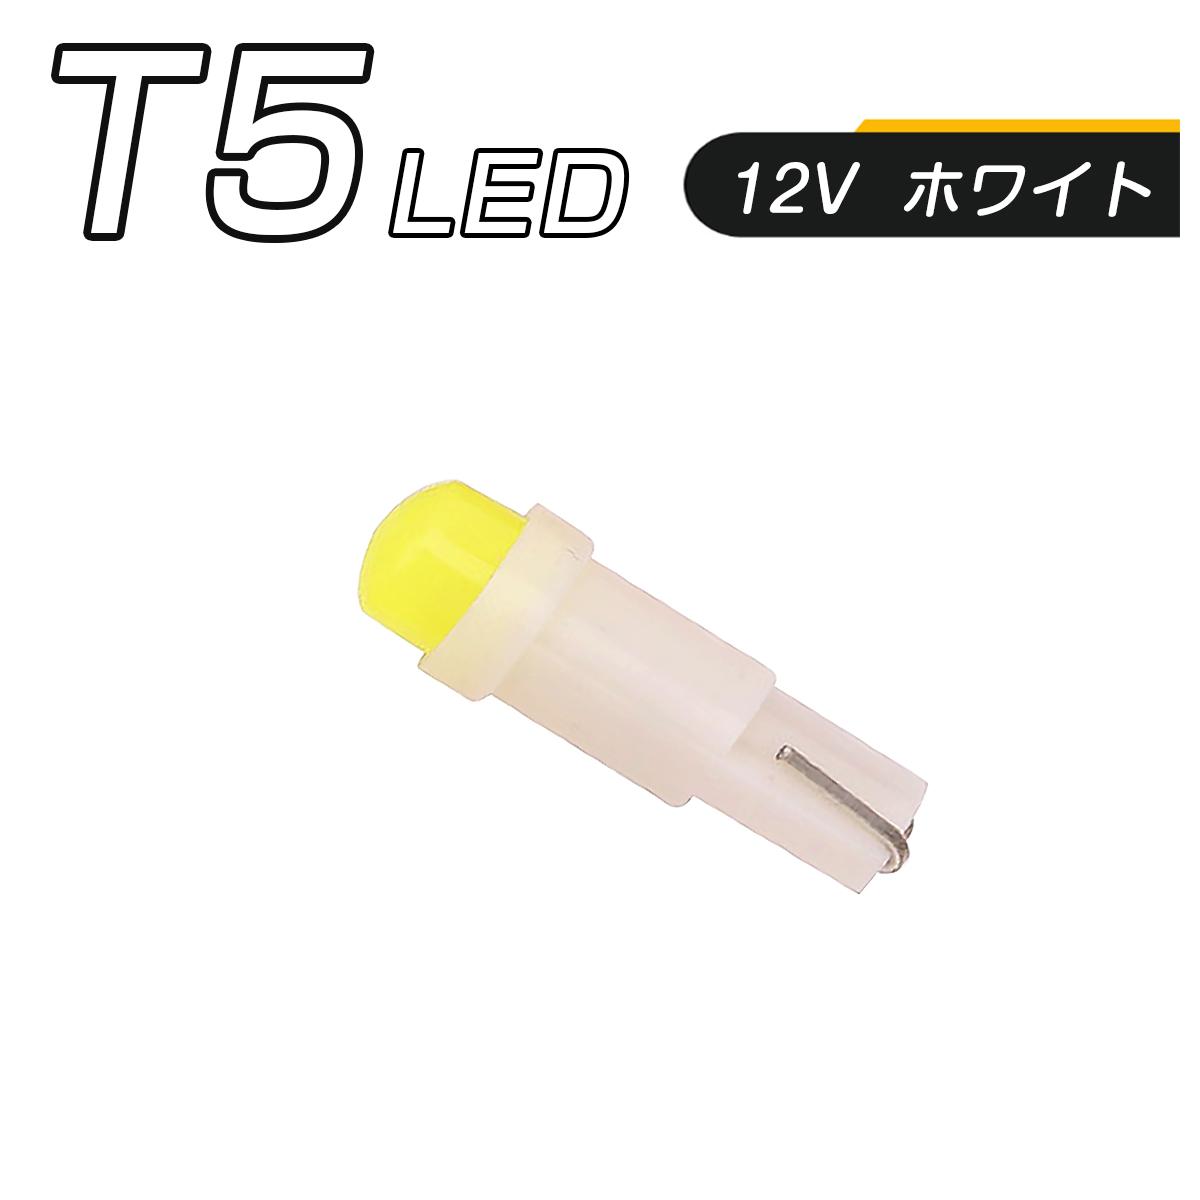 LED T5 白 SMD メーター球 タコランプ インジケーター エアコンパネル ウェッジ球 2個セット SDM便送料無料 1ヶ月保証